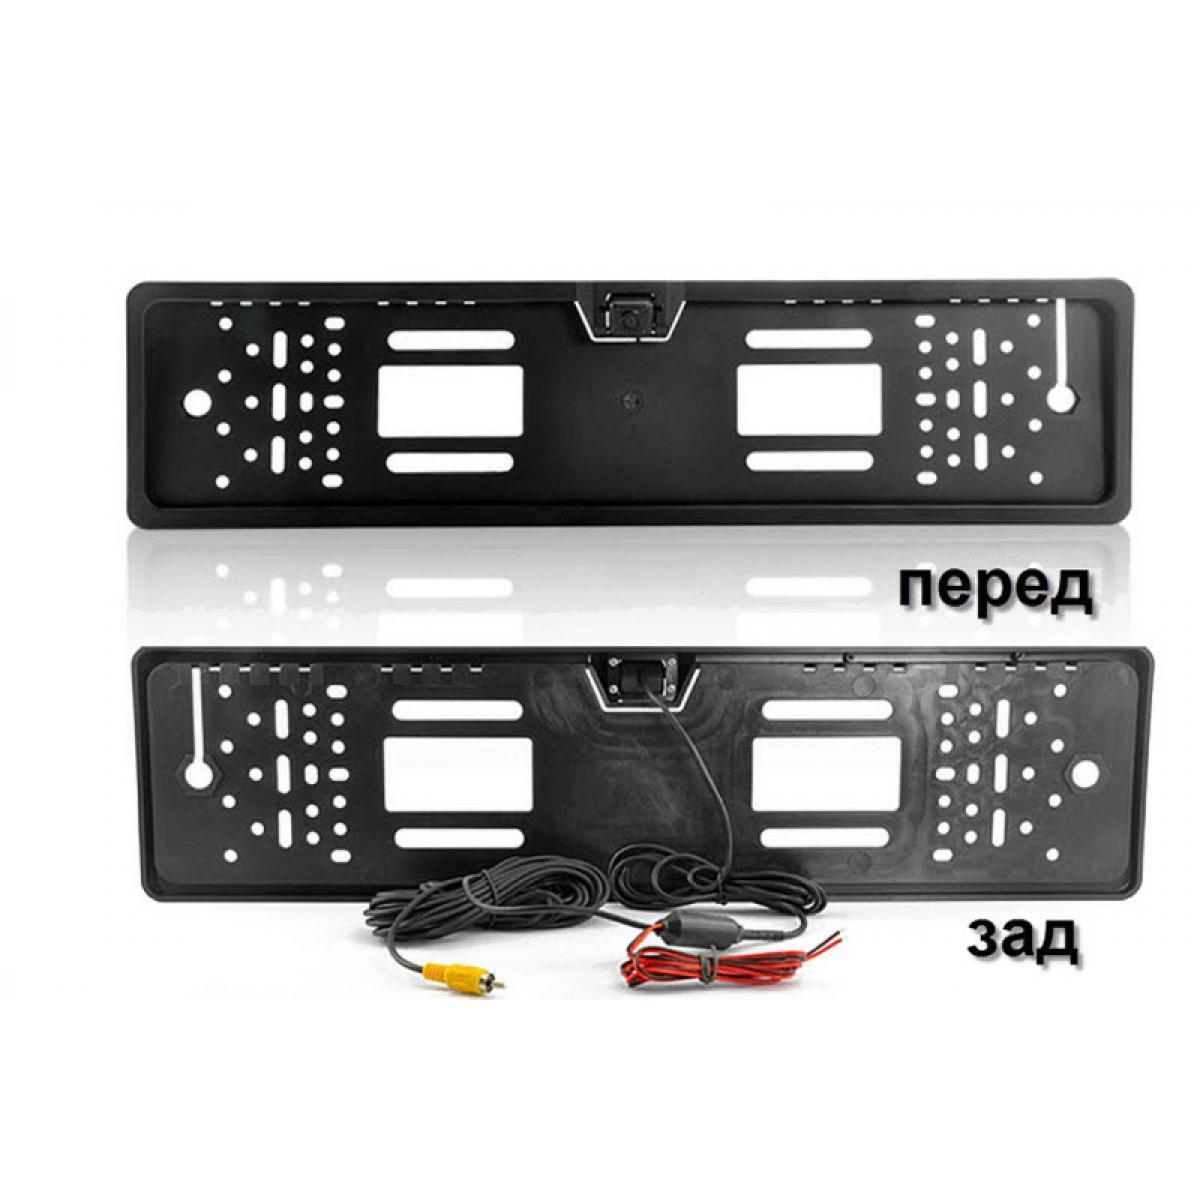 Камера заднего вида в рамке автомобильного номера с возможностью регулировки угла наклона и LED подсветкой A58 JX9488 Чёрный